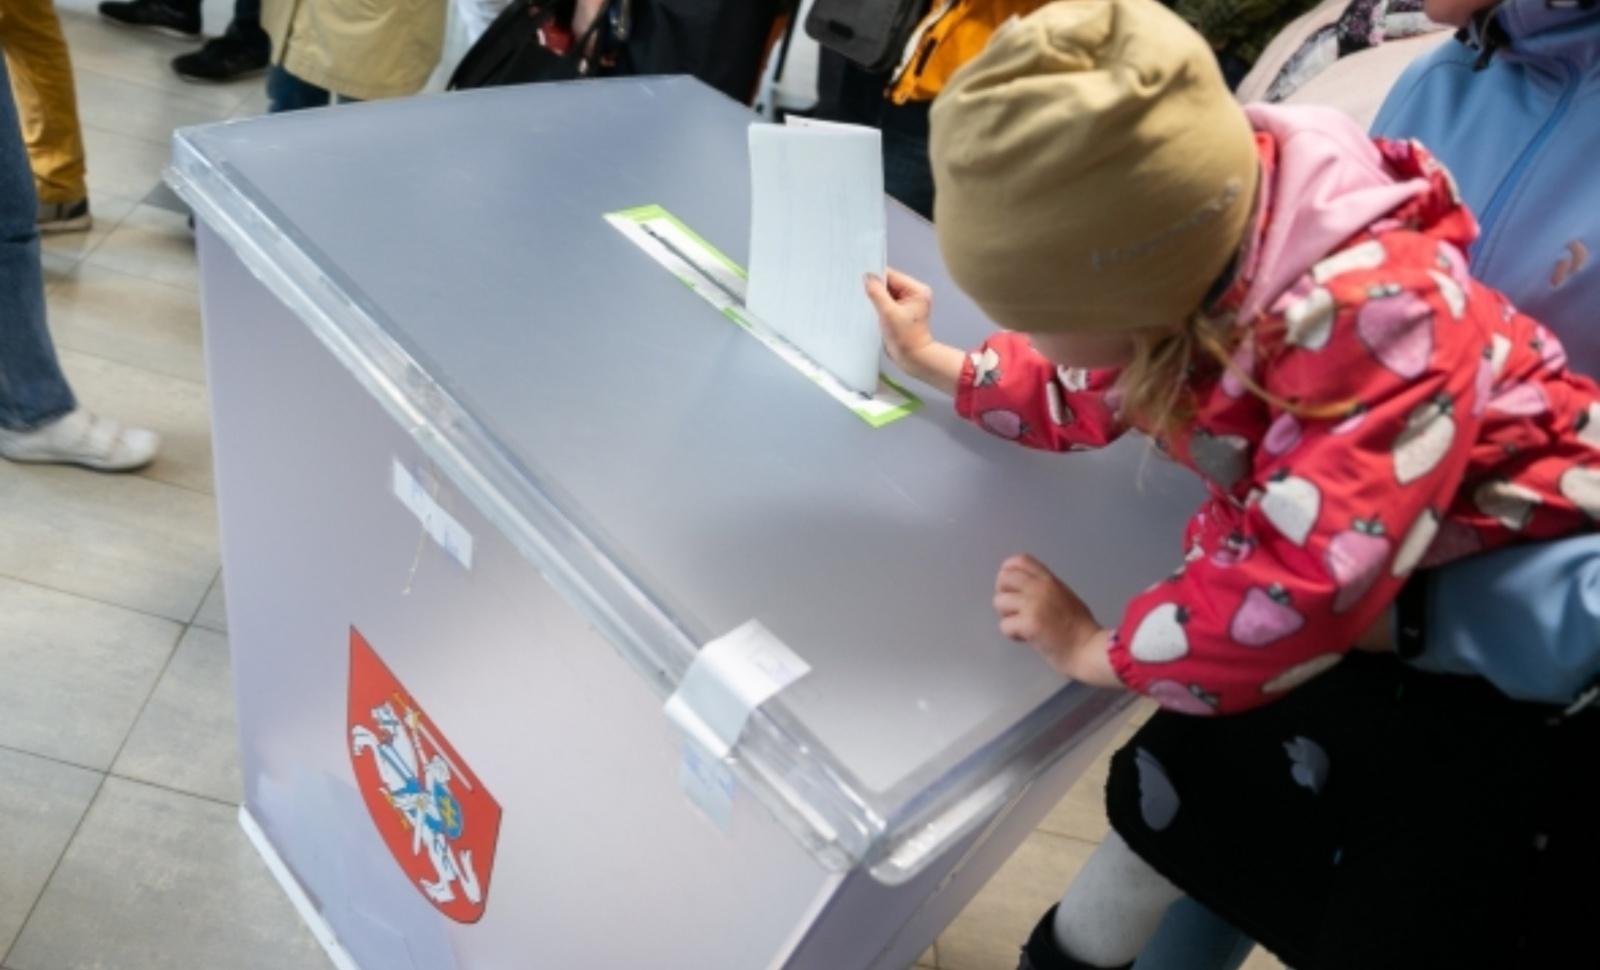 Socdemai skundžia teismui sprendimą 2020-aisiais sudaryti apygardą užsienio lietuviams